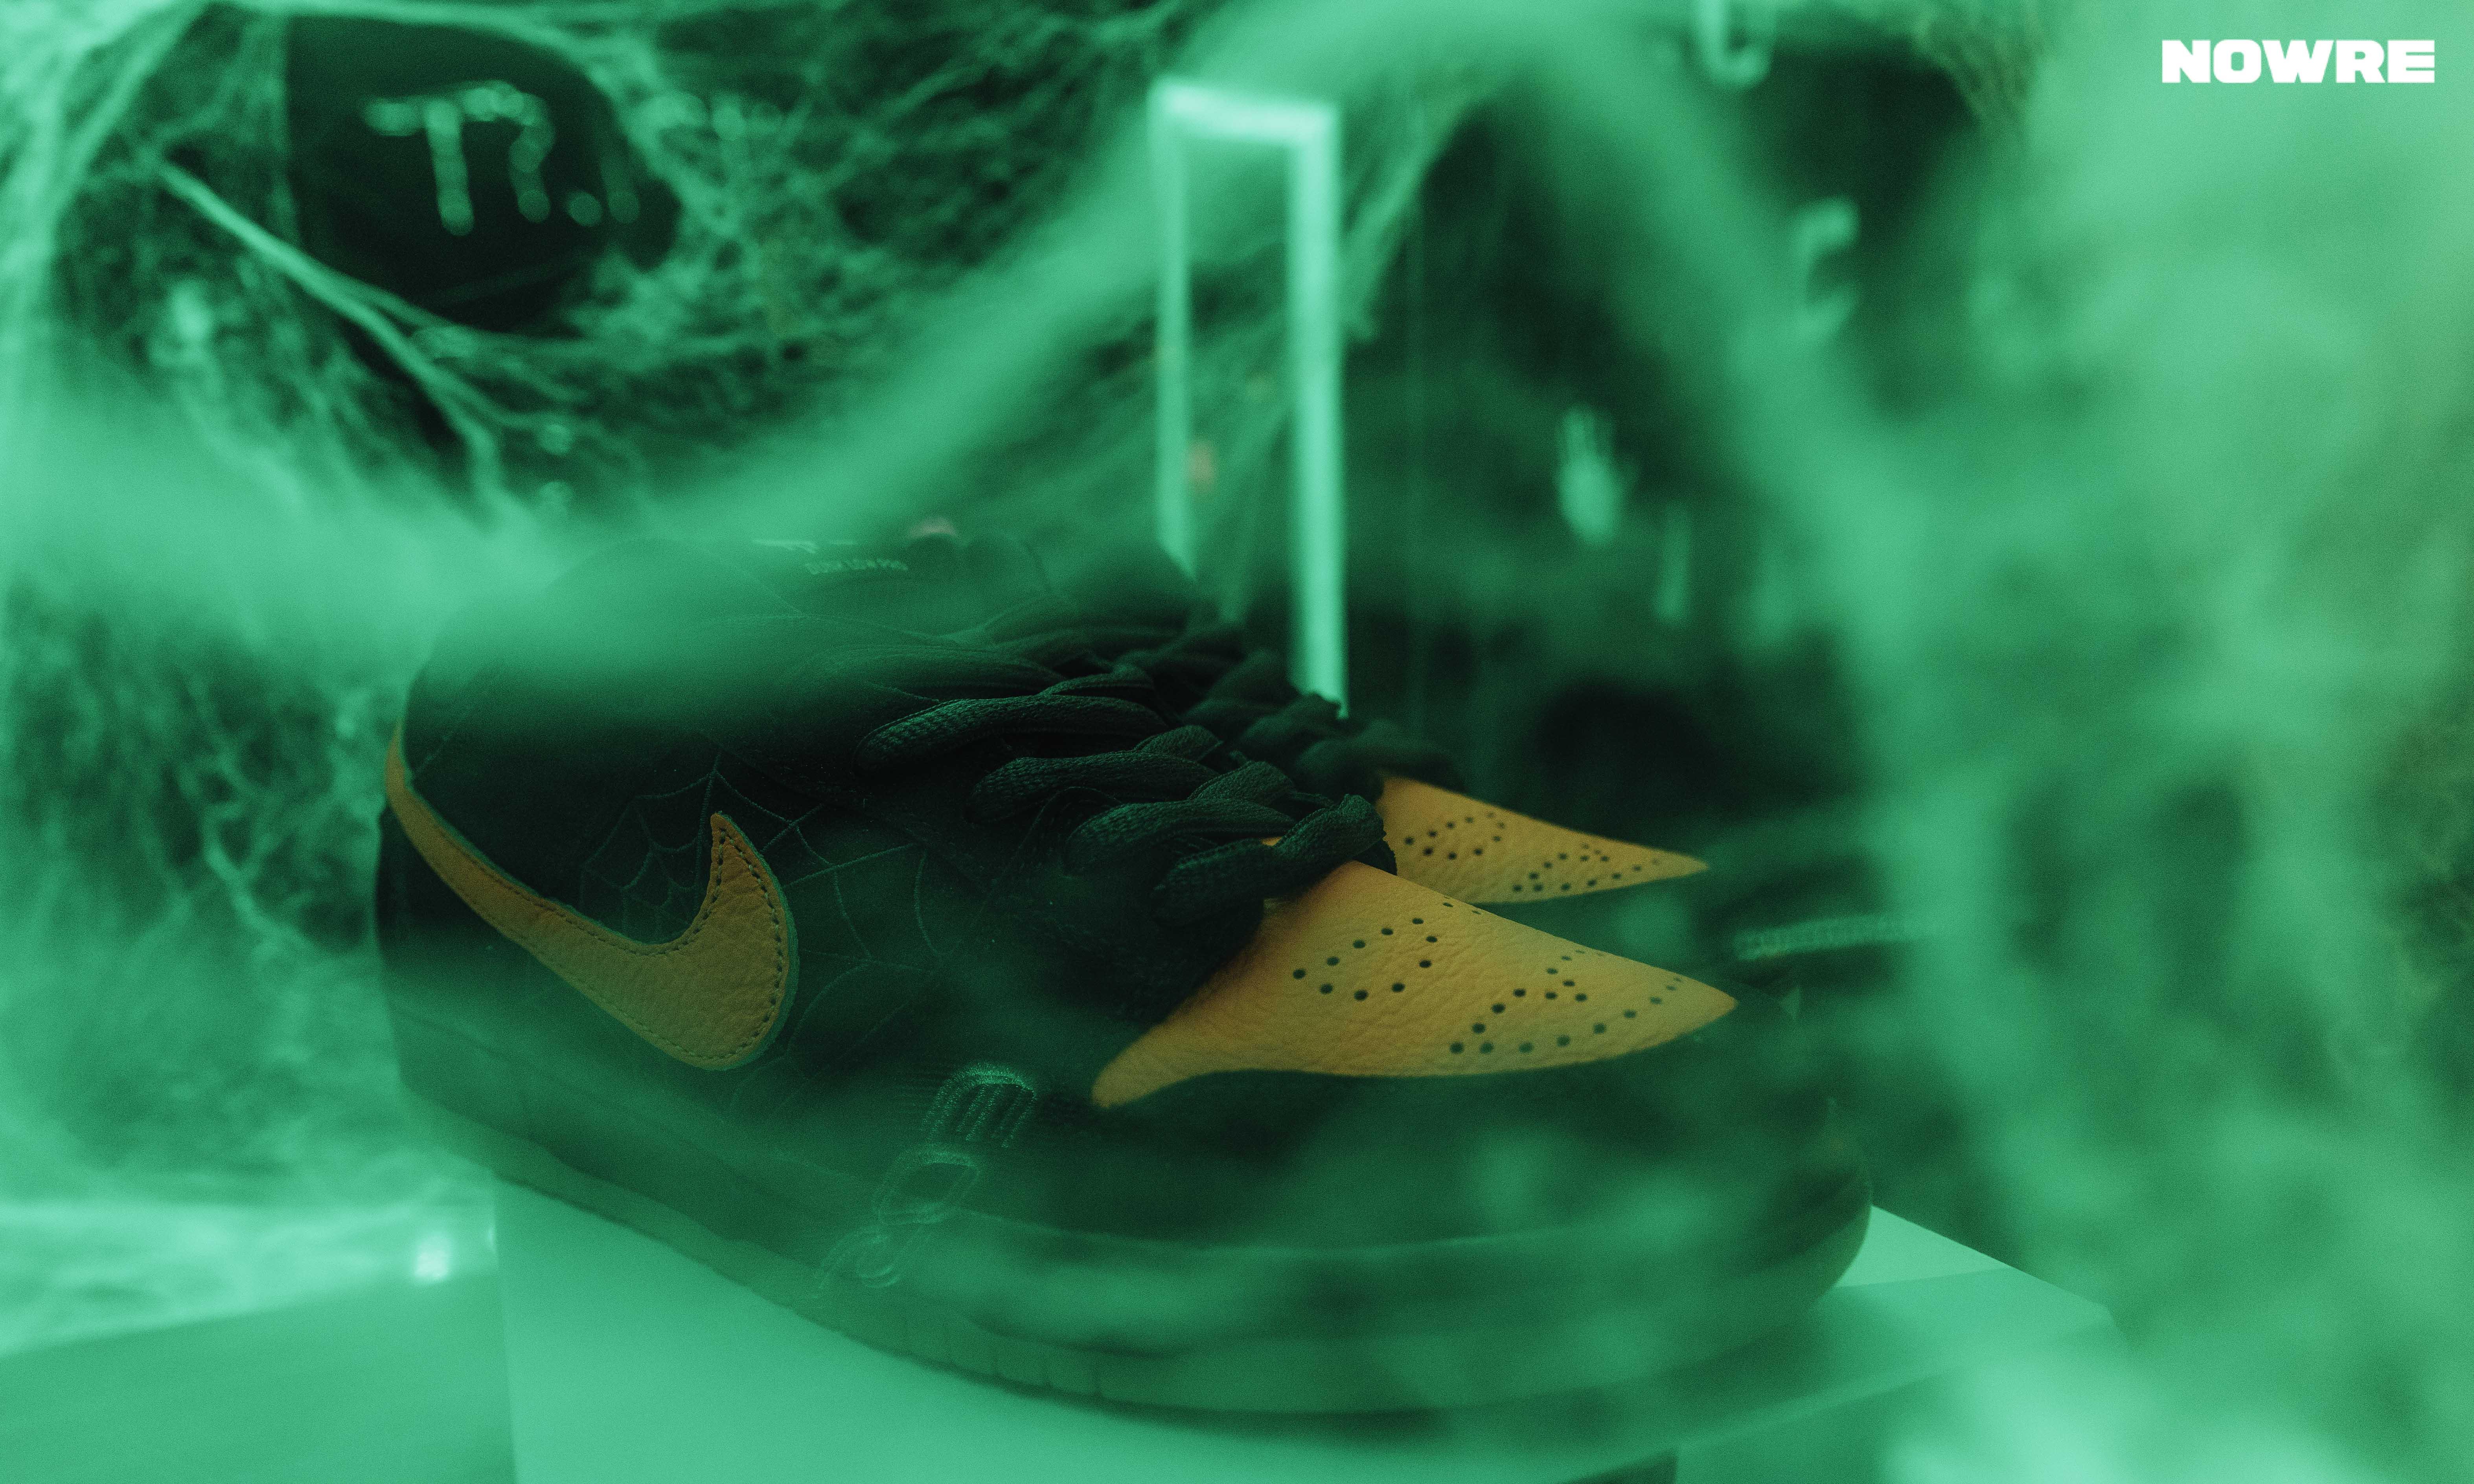 万圣节里,我的一次 Nike SB Dunk 「陪跑」经历…